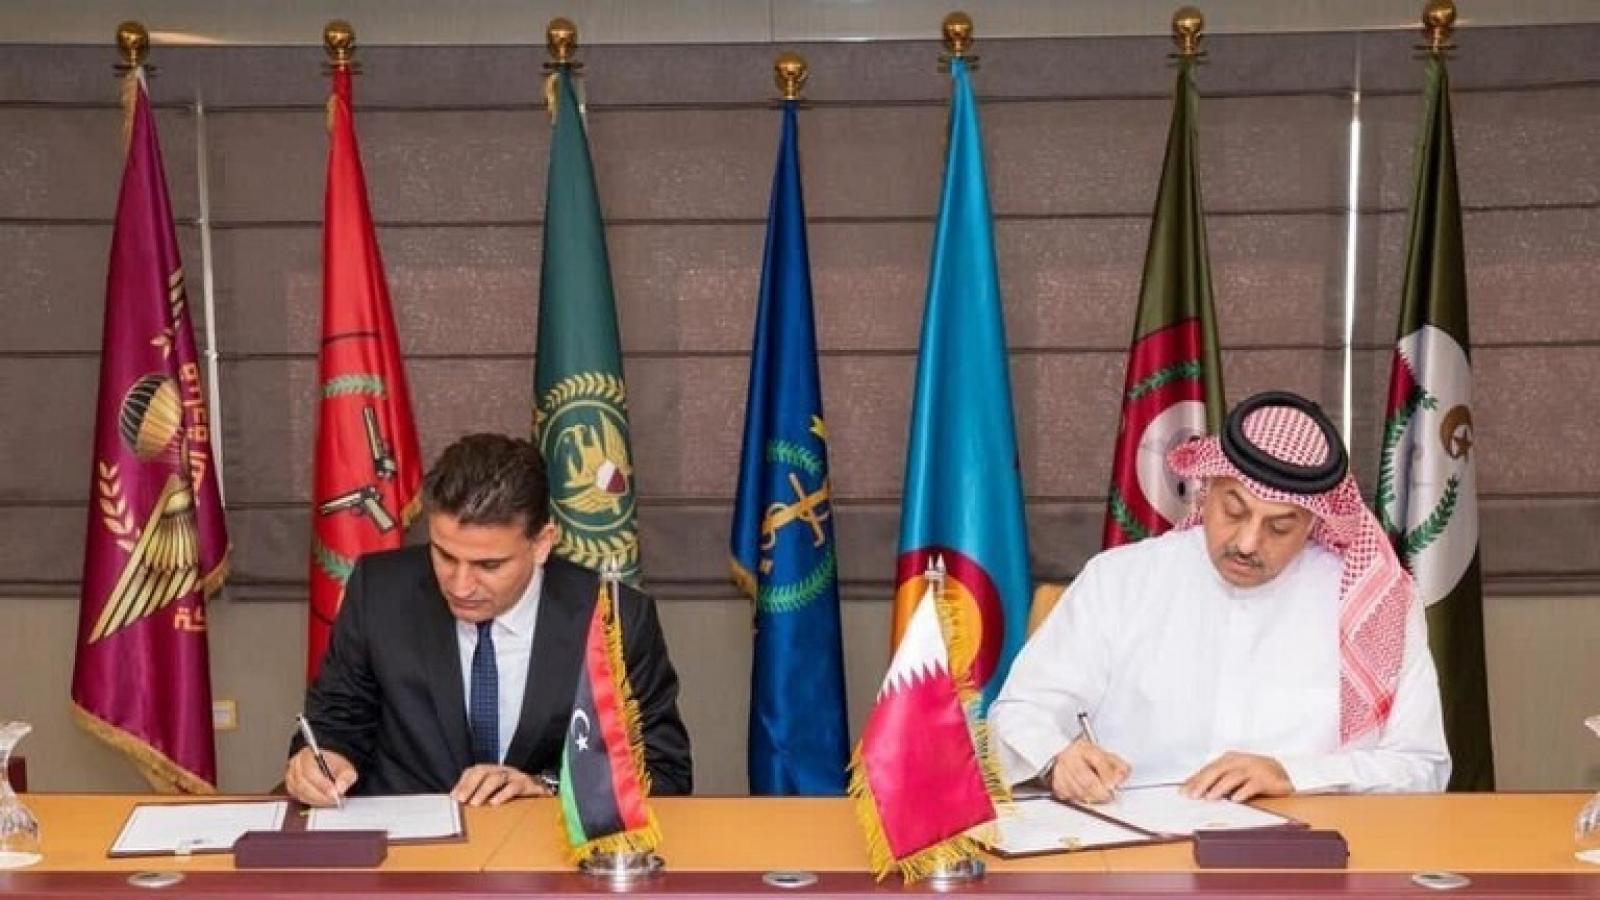 Hợp tác quốc phòng, Qatar lập căn cứ không quân đầu tiên ở Misrata (Libya)